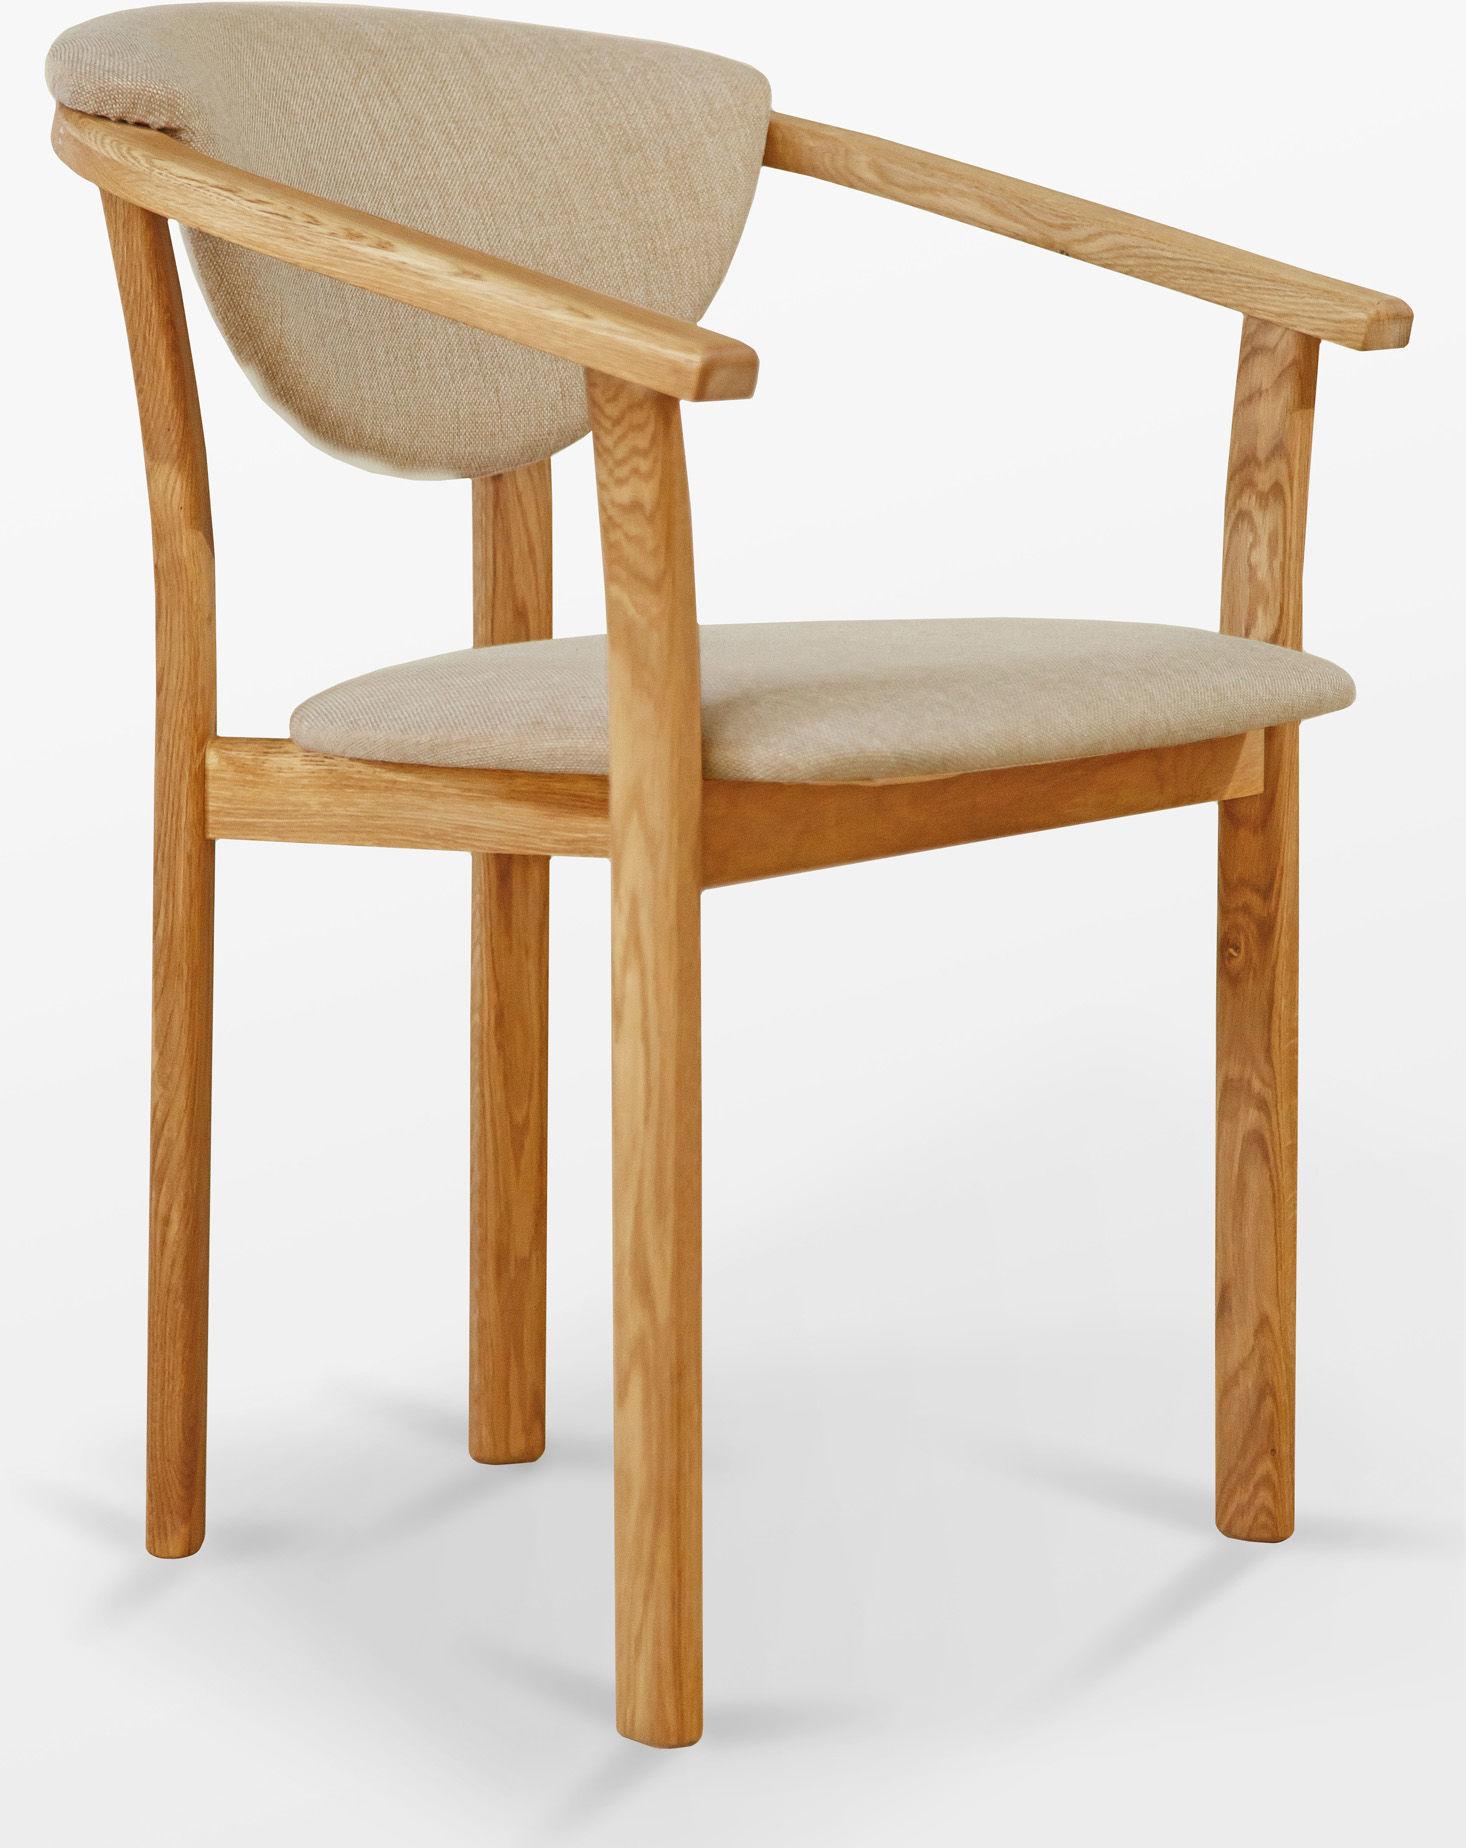 Fotel dębowy M tapicerowany